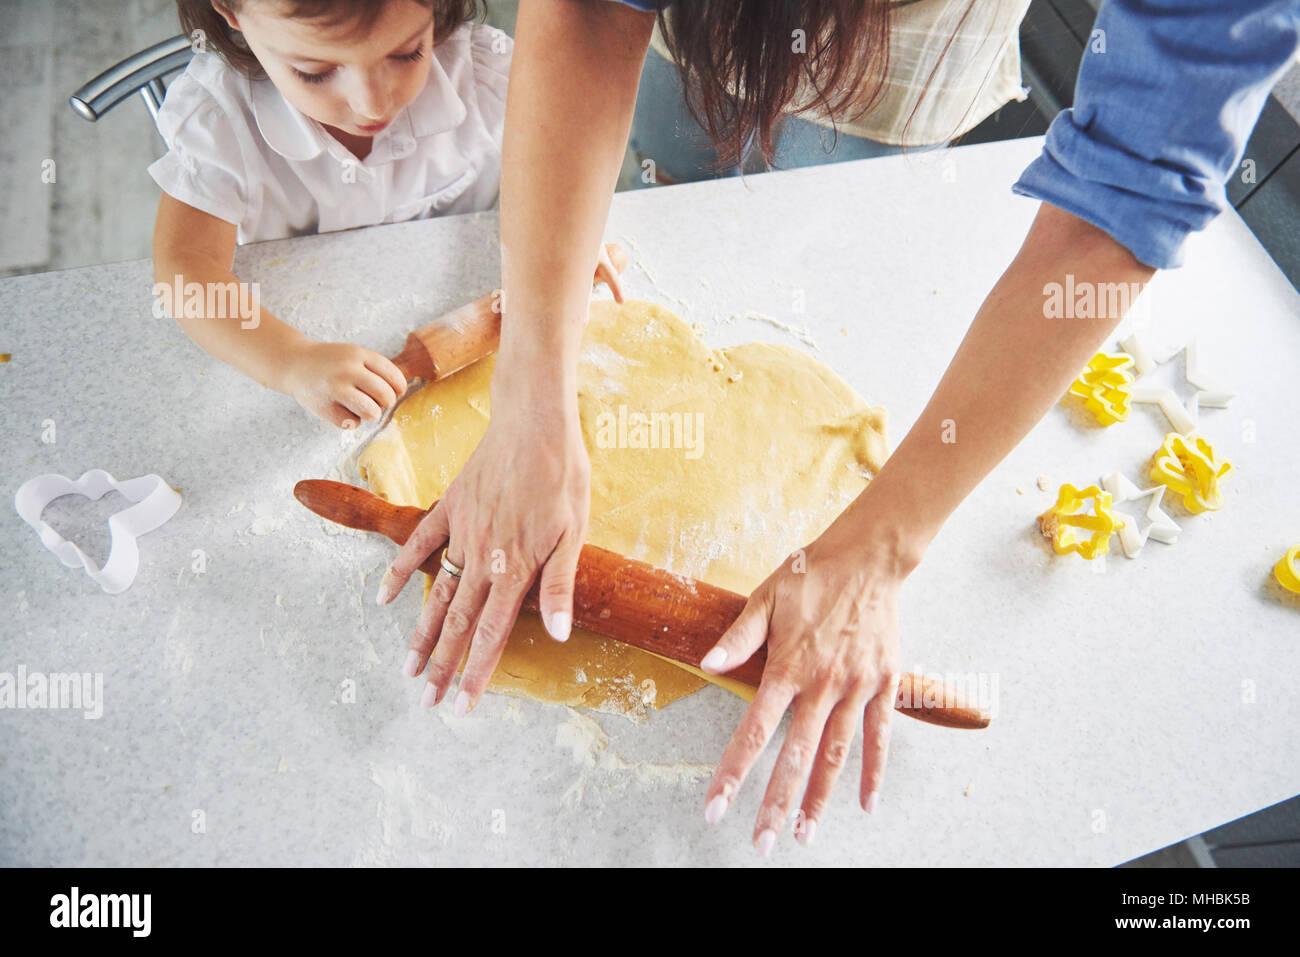 Família feliz preparação de alimentos conceito. Família cozinhar bolinhos do christmas. Mãos de mãe e filha, preparando a massa sobre a mesa. Família feliz em fazer cookies em casa Imagens de Stock